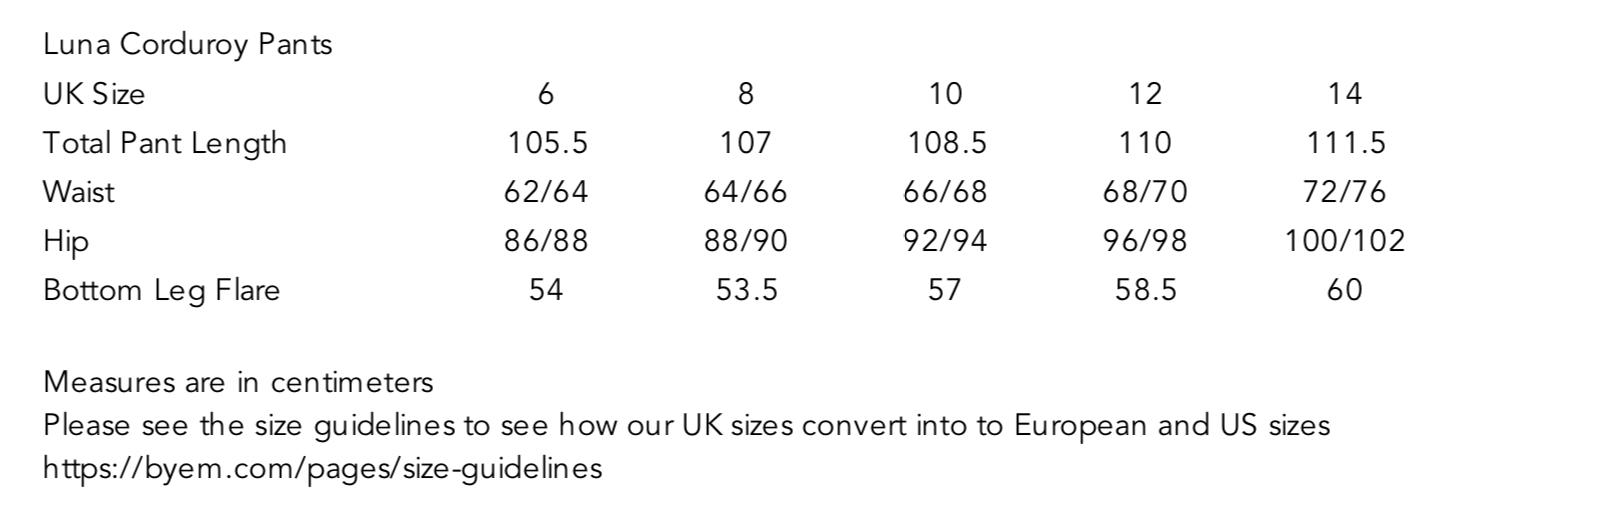 Luna Corduroy Pants Size Guide